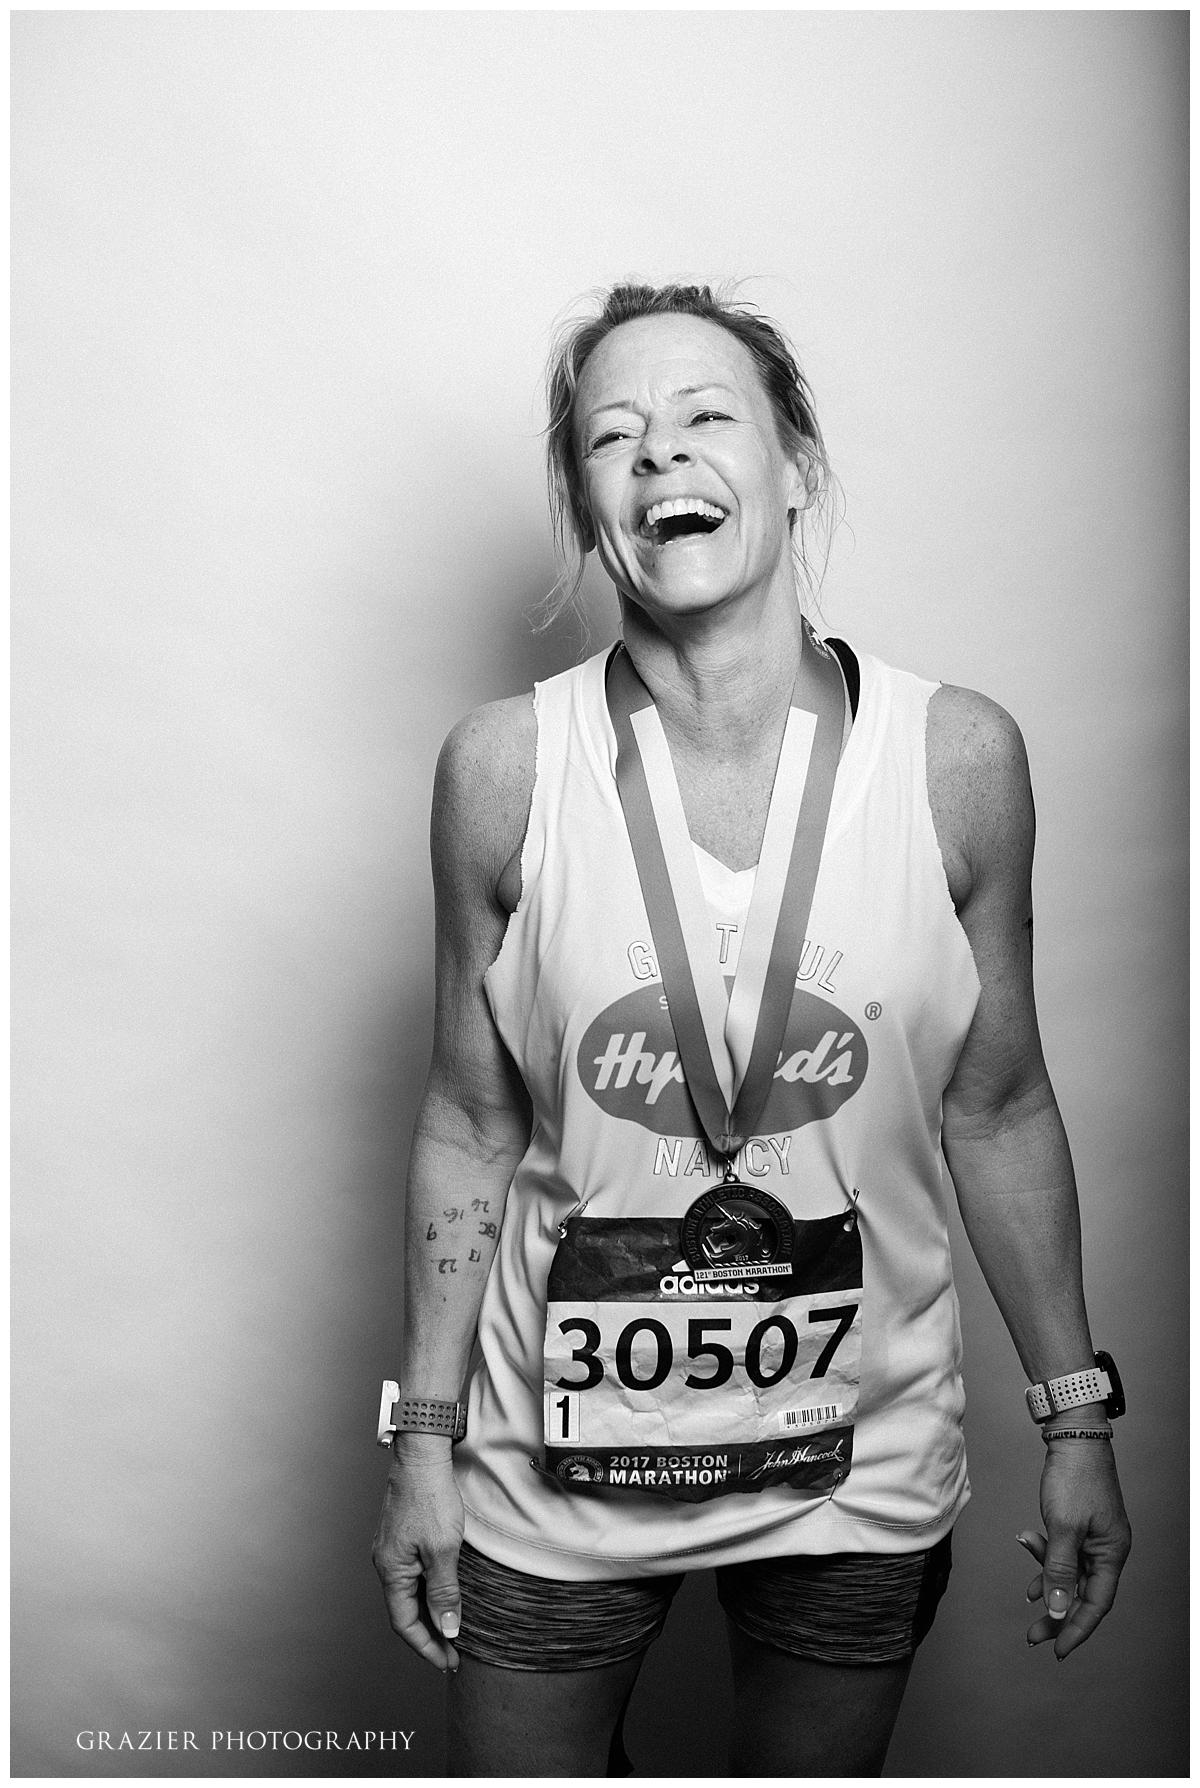 Grazier_Photo_Hylands_Boston_Marathon_2017-25_WEB.jpg